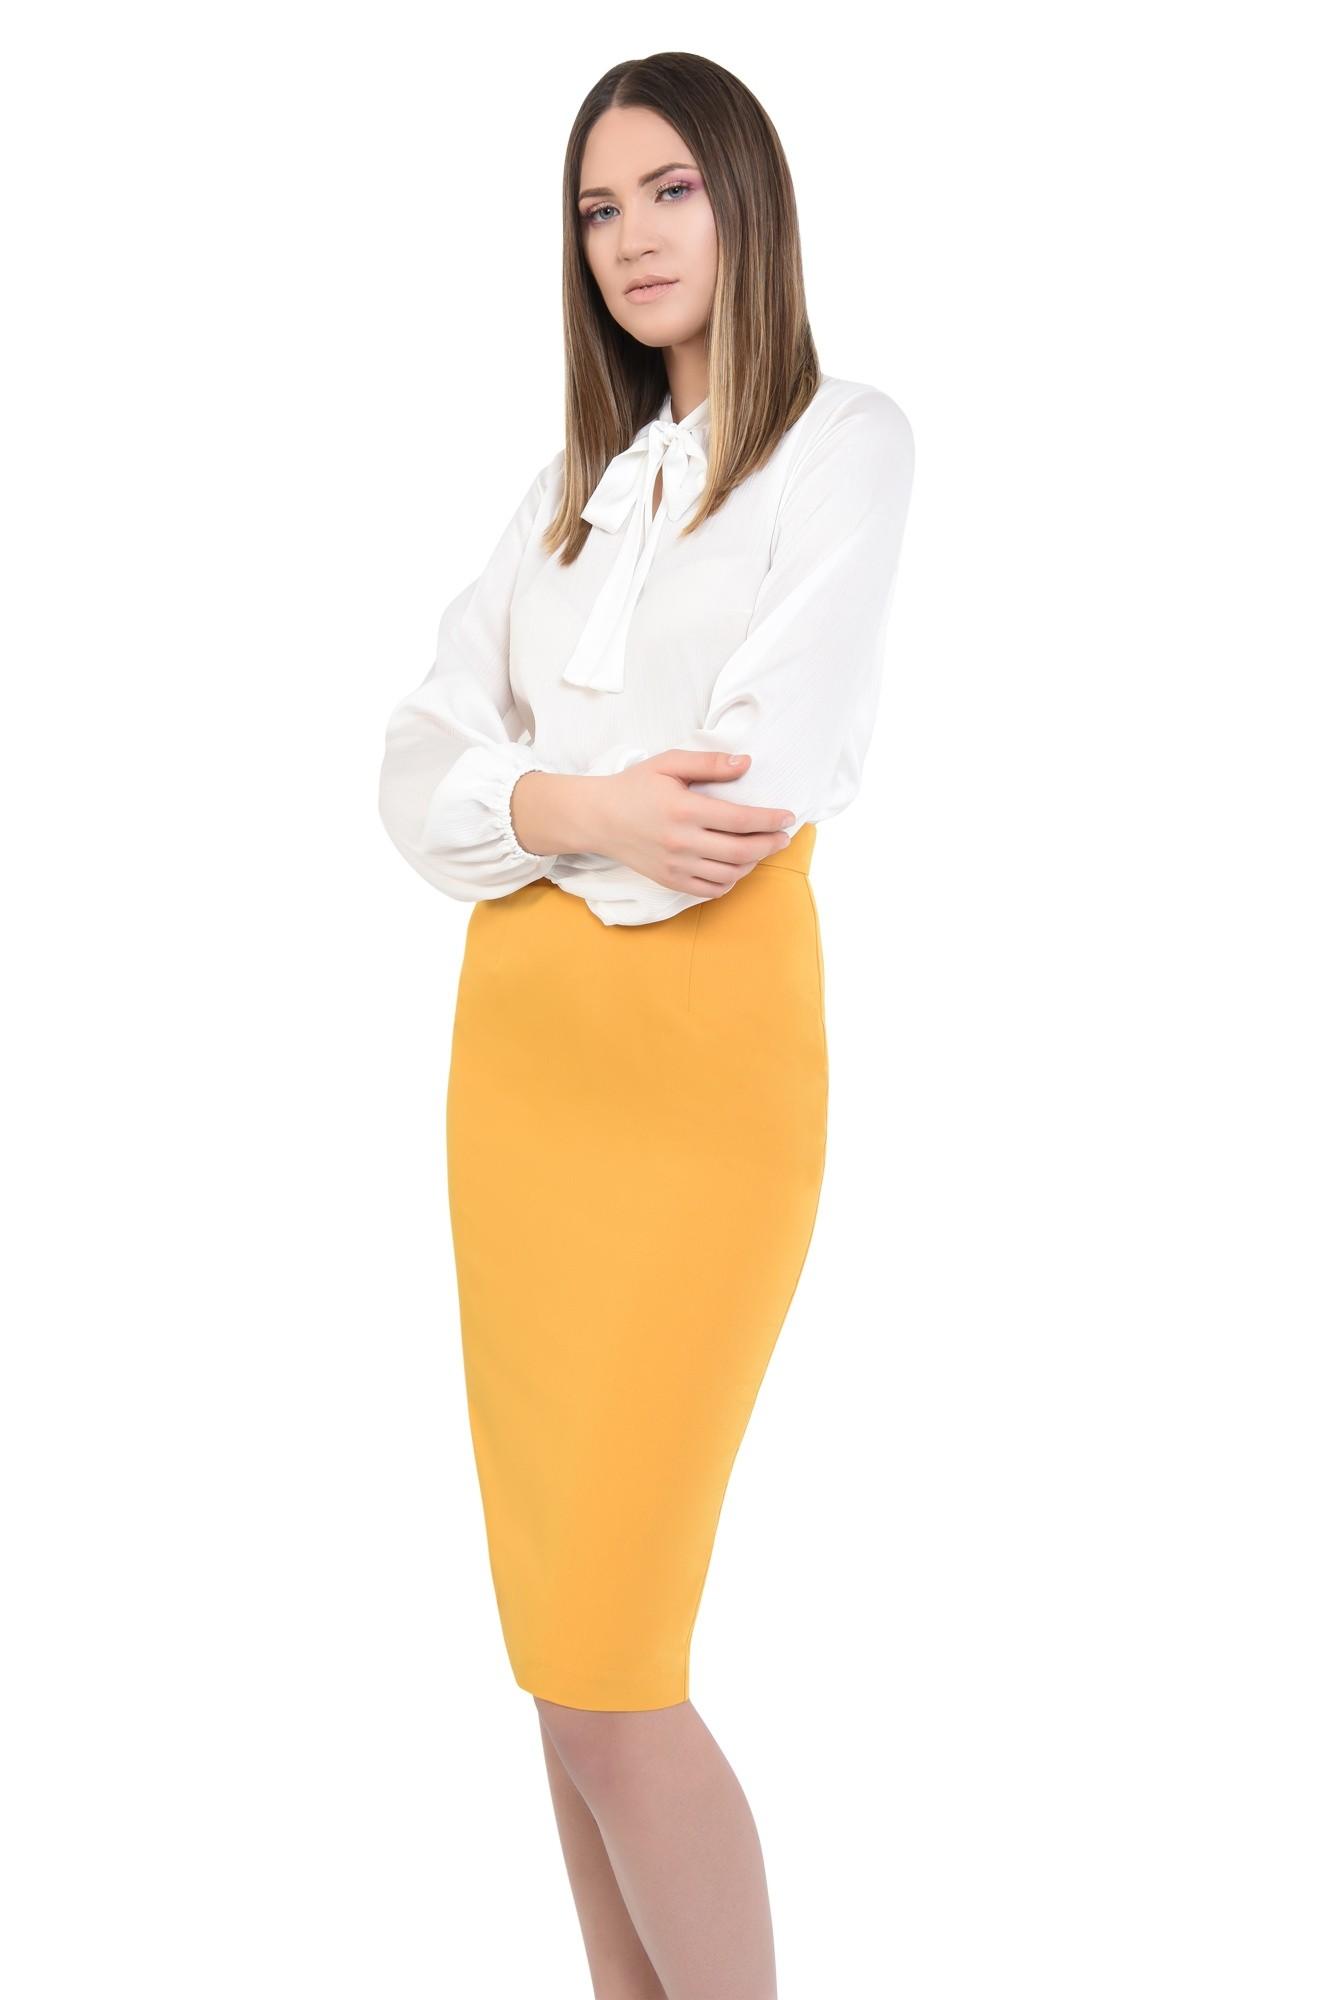 2 - bluza office, cu funda, guler esarfa subtire, bluze de zi